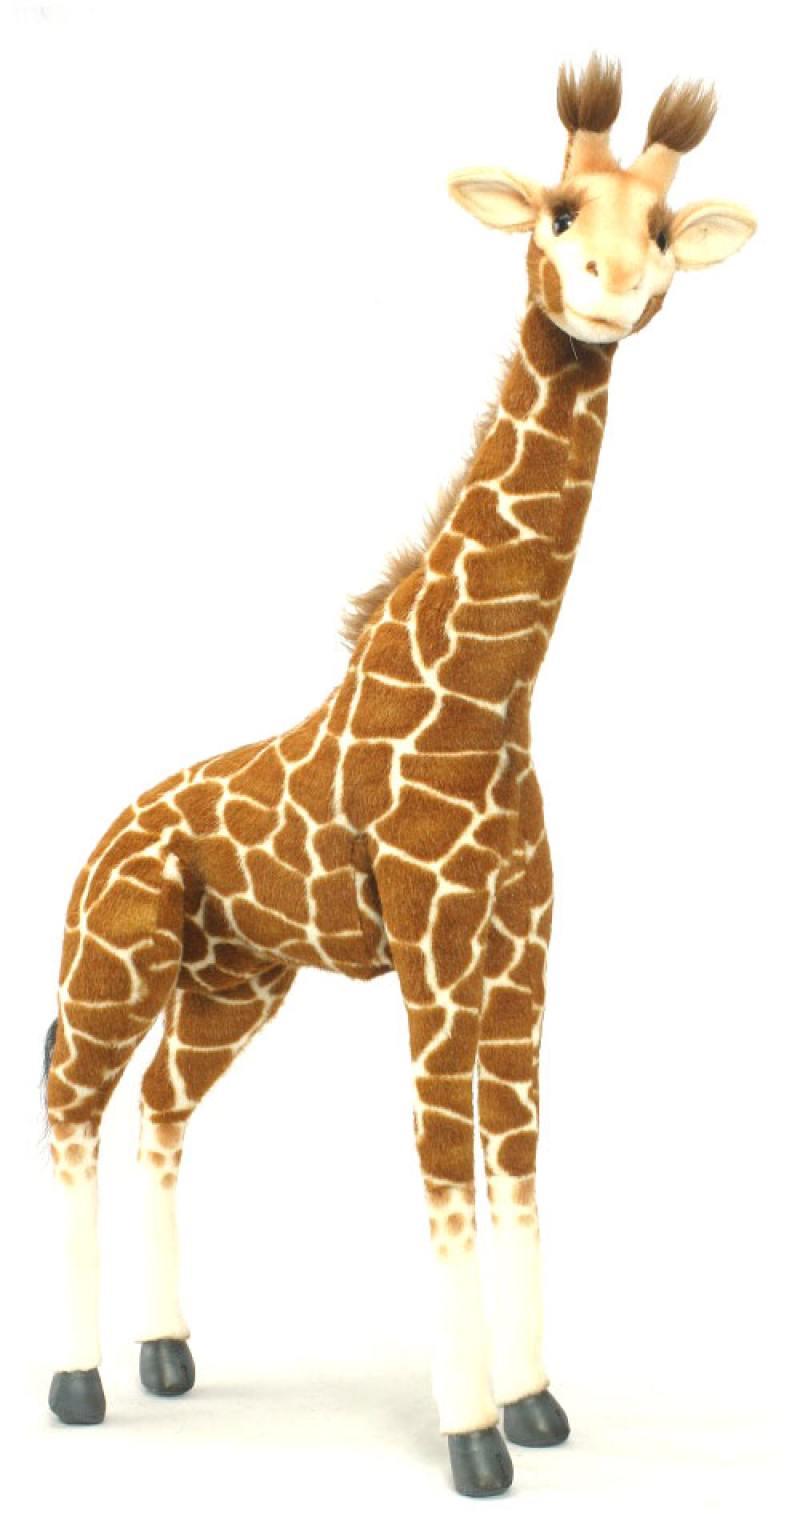 Мягкая игрушка Hansa Жираф стоящий, 70 см 3304 мягкая игрушка hansa хаски серый стоящий 75 см 6034